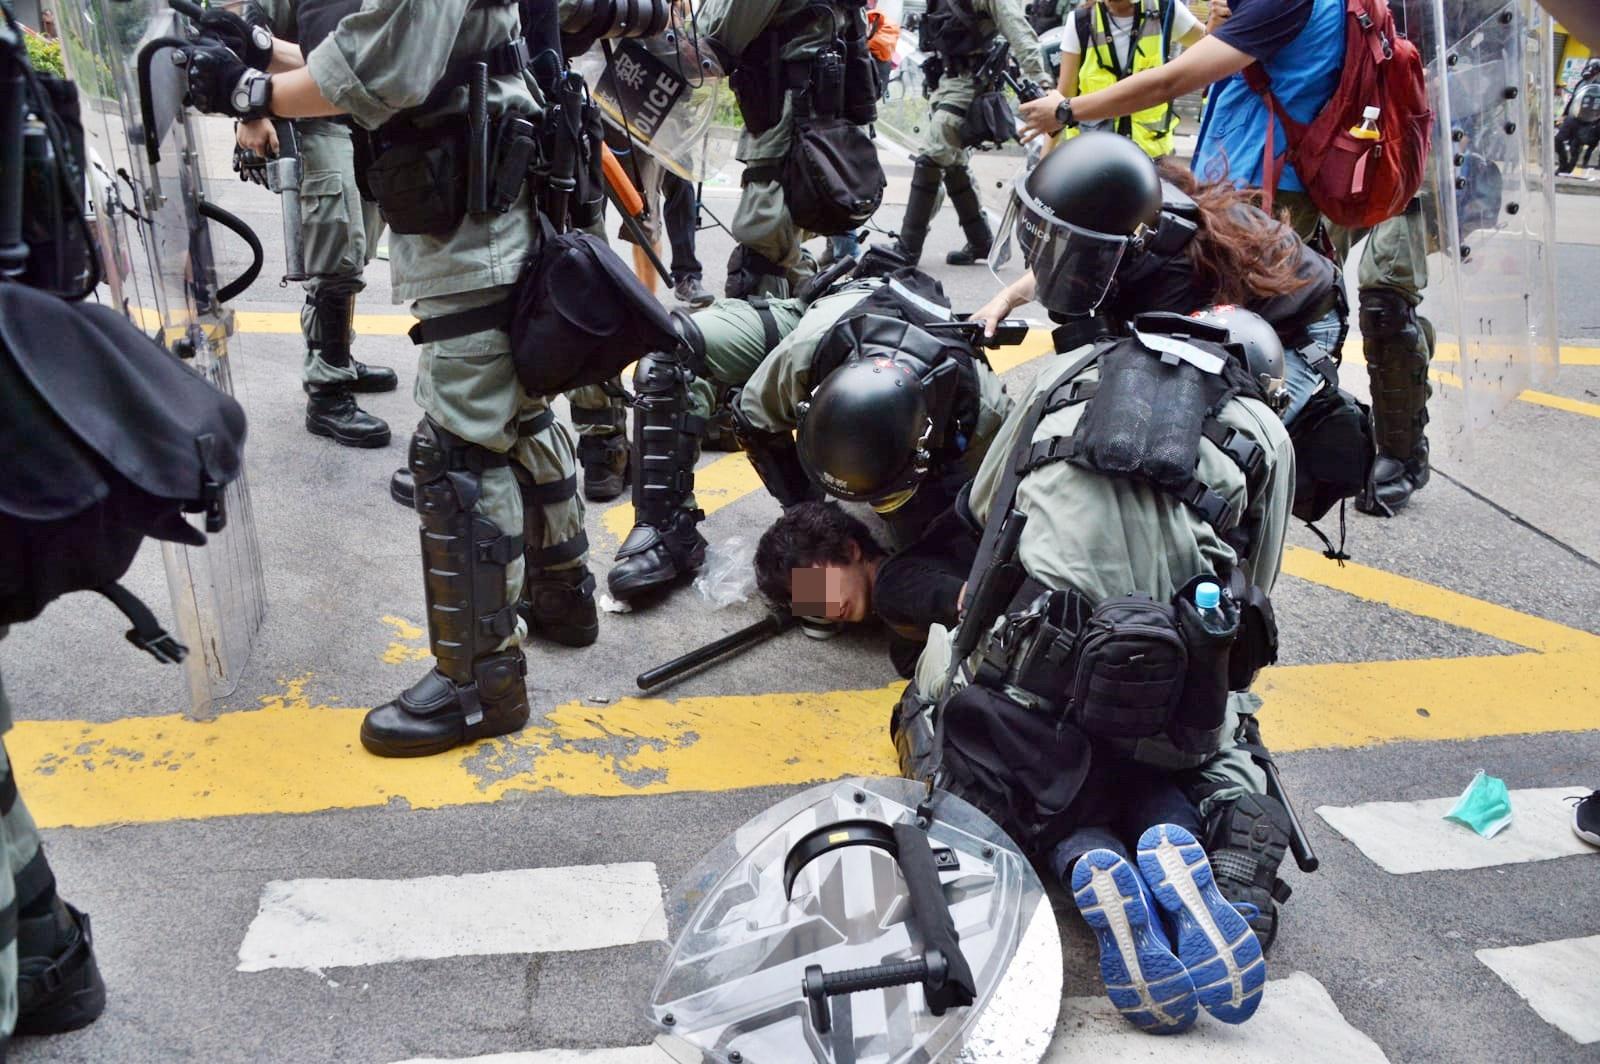 警方拘捕多人。資料圖片